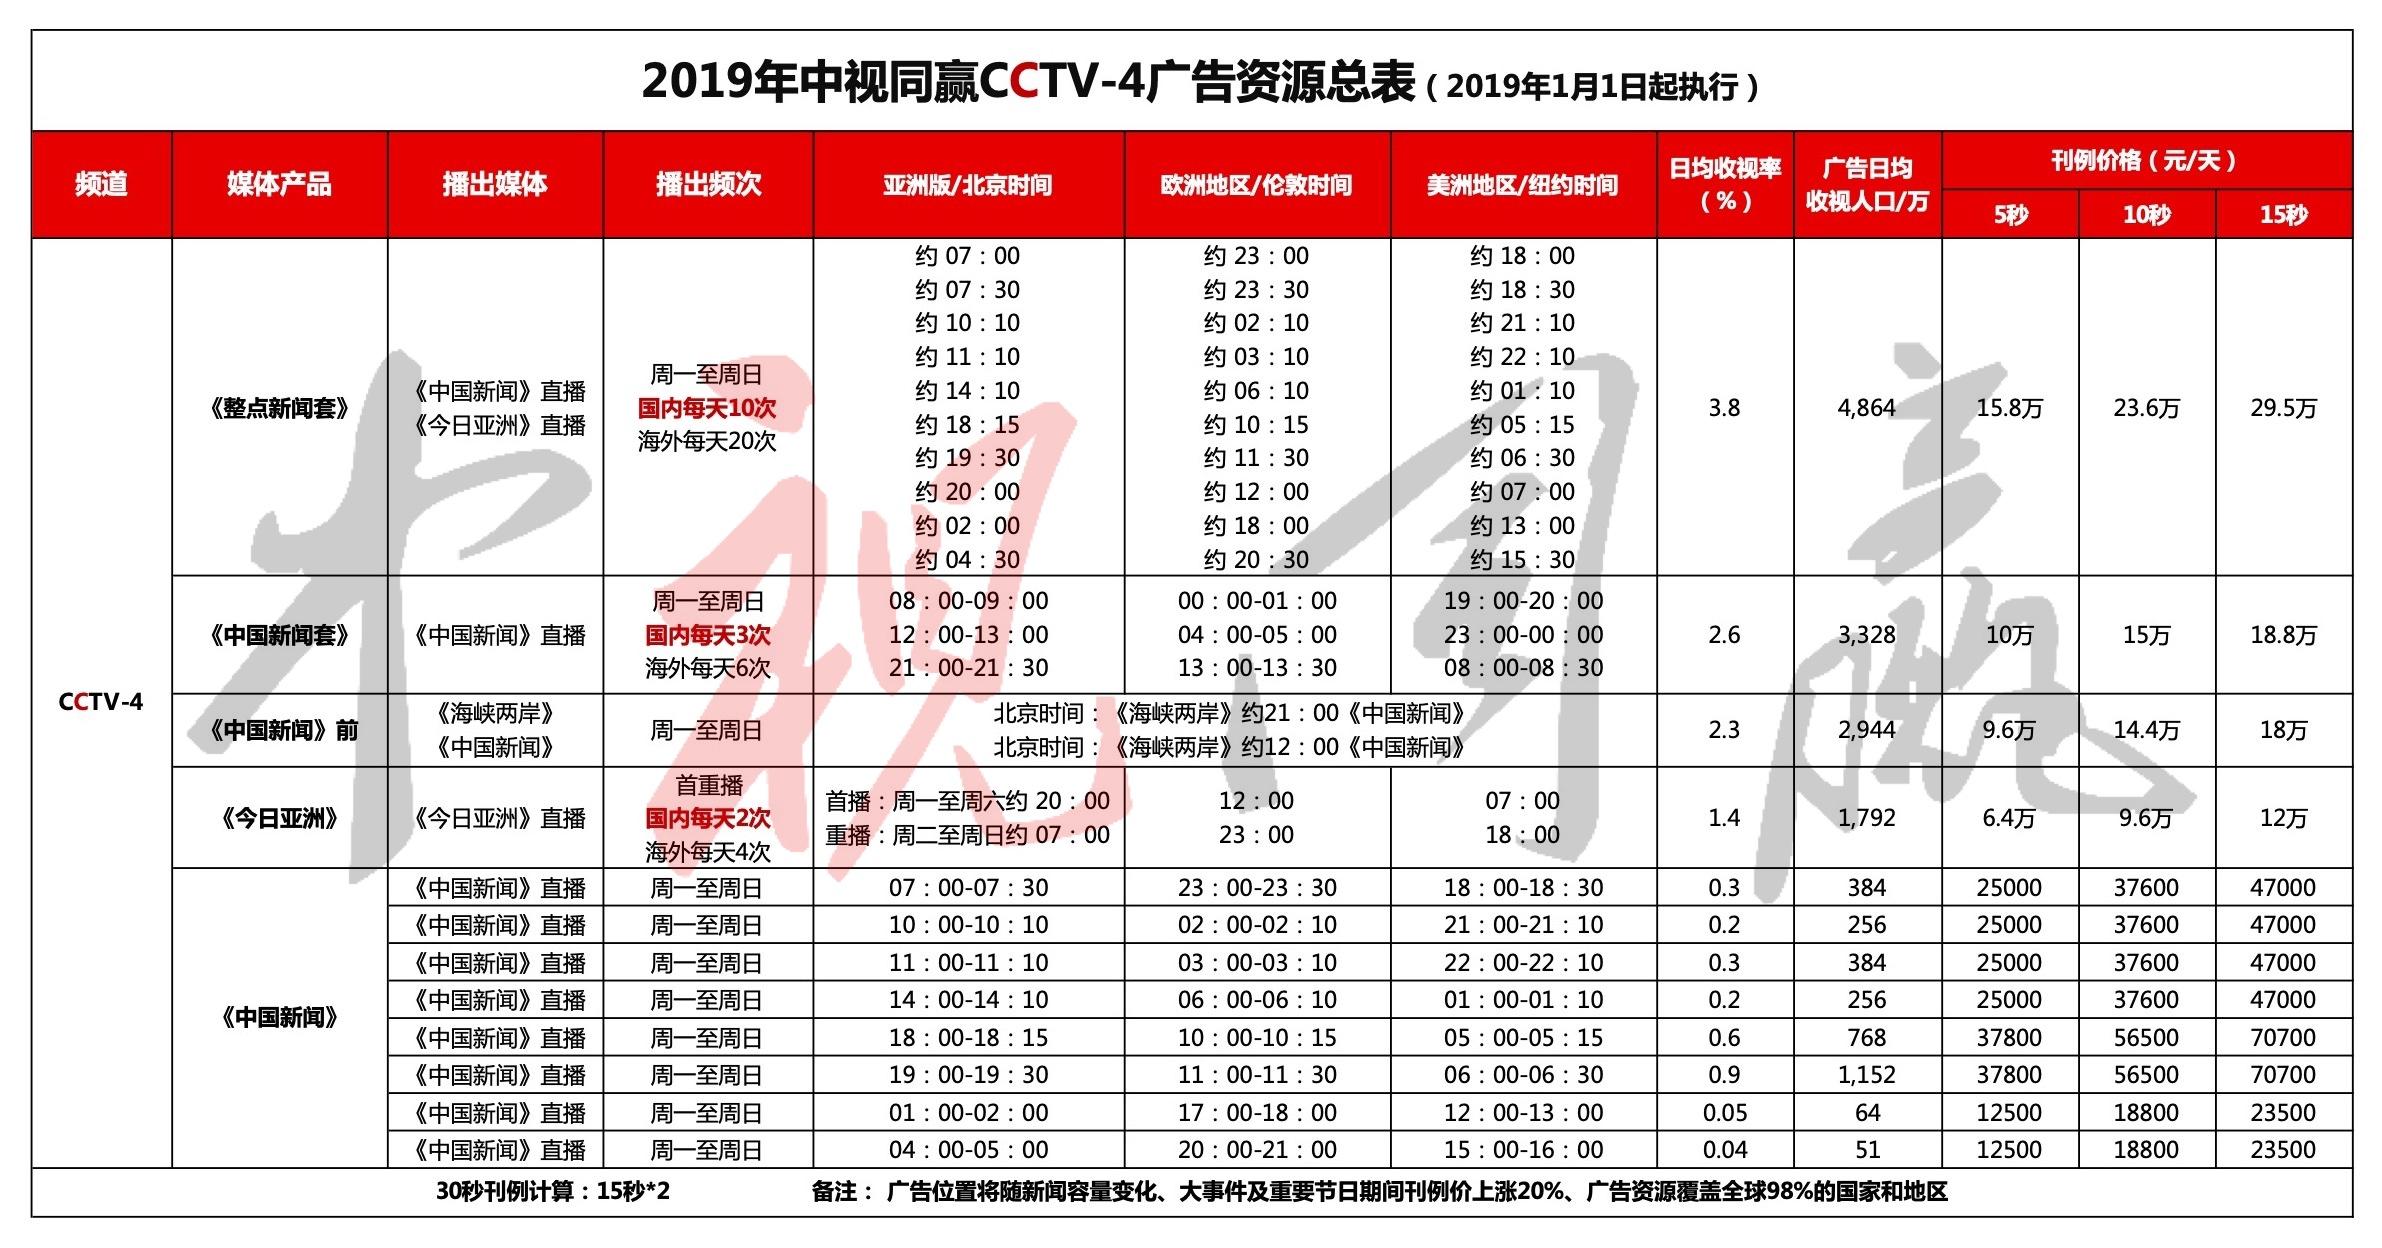 2019年中视同赢CCTV-4广告资源表@中视同赢